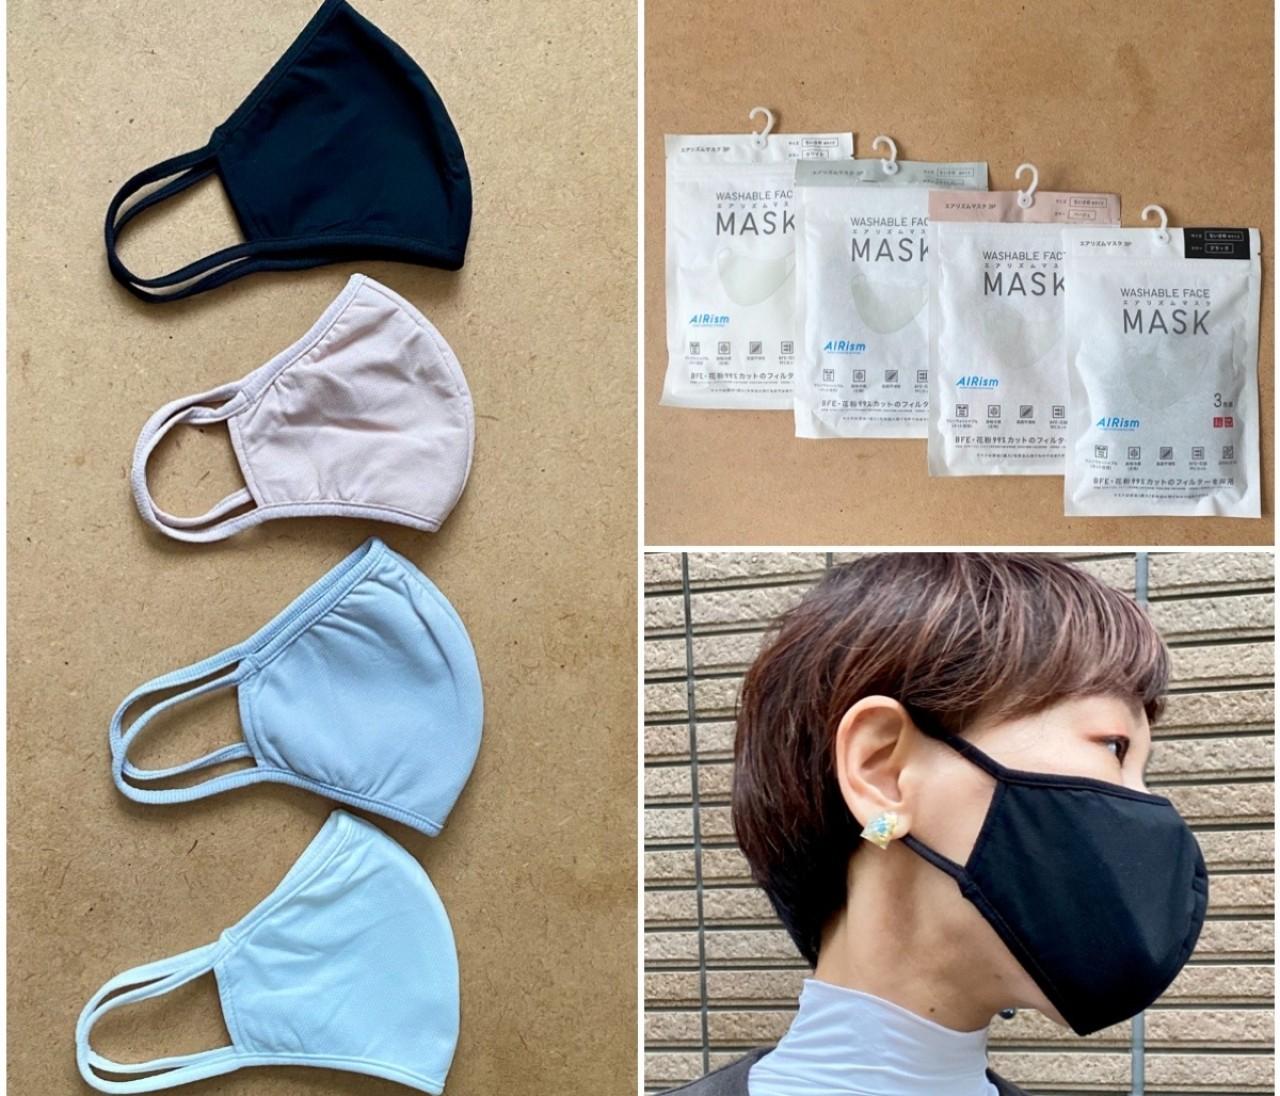 【ユニクロ(UNIQLO)】「エアリズムマスク」新色ブラックが10月下旬発売! コーデや気分で選べるカラバリが4色展開に